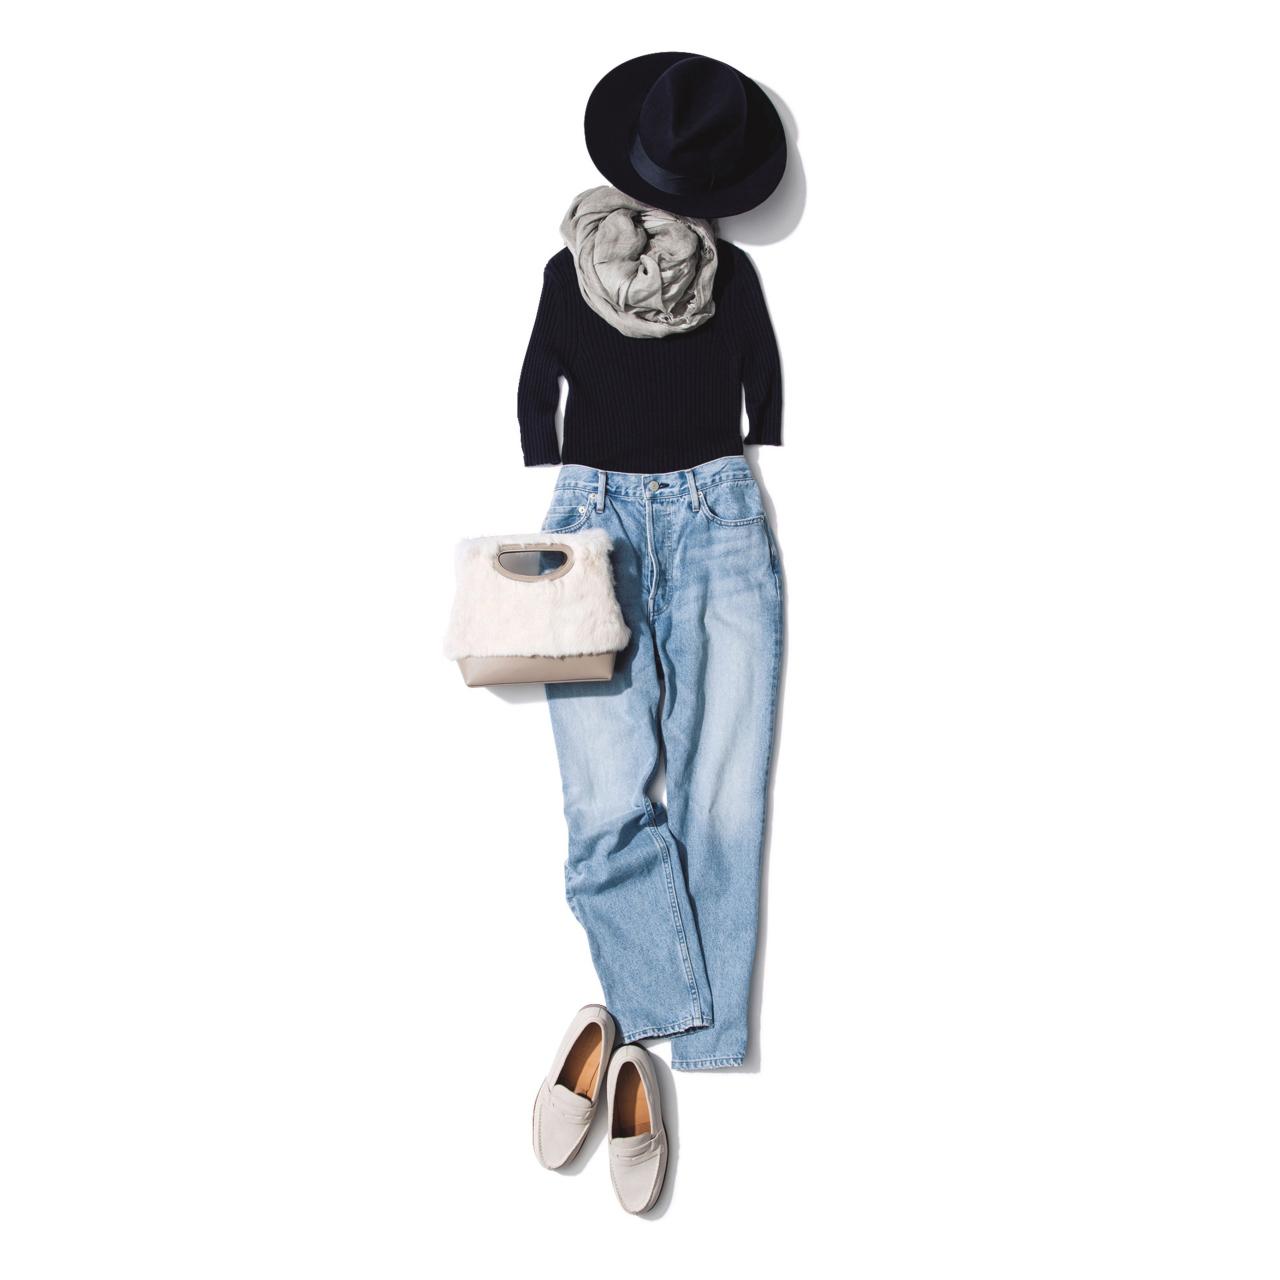 ファーバッグ×デニムパンツのファッションコーデ